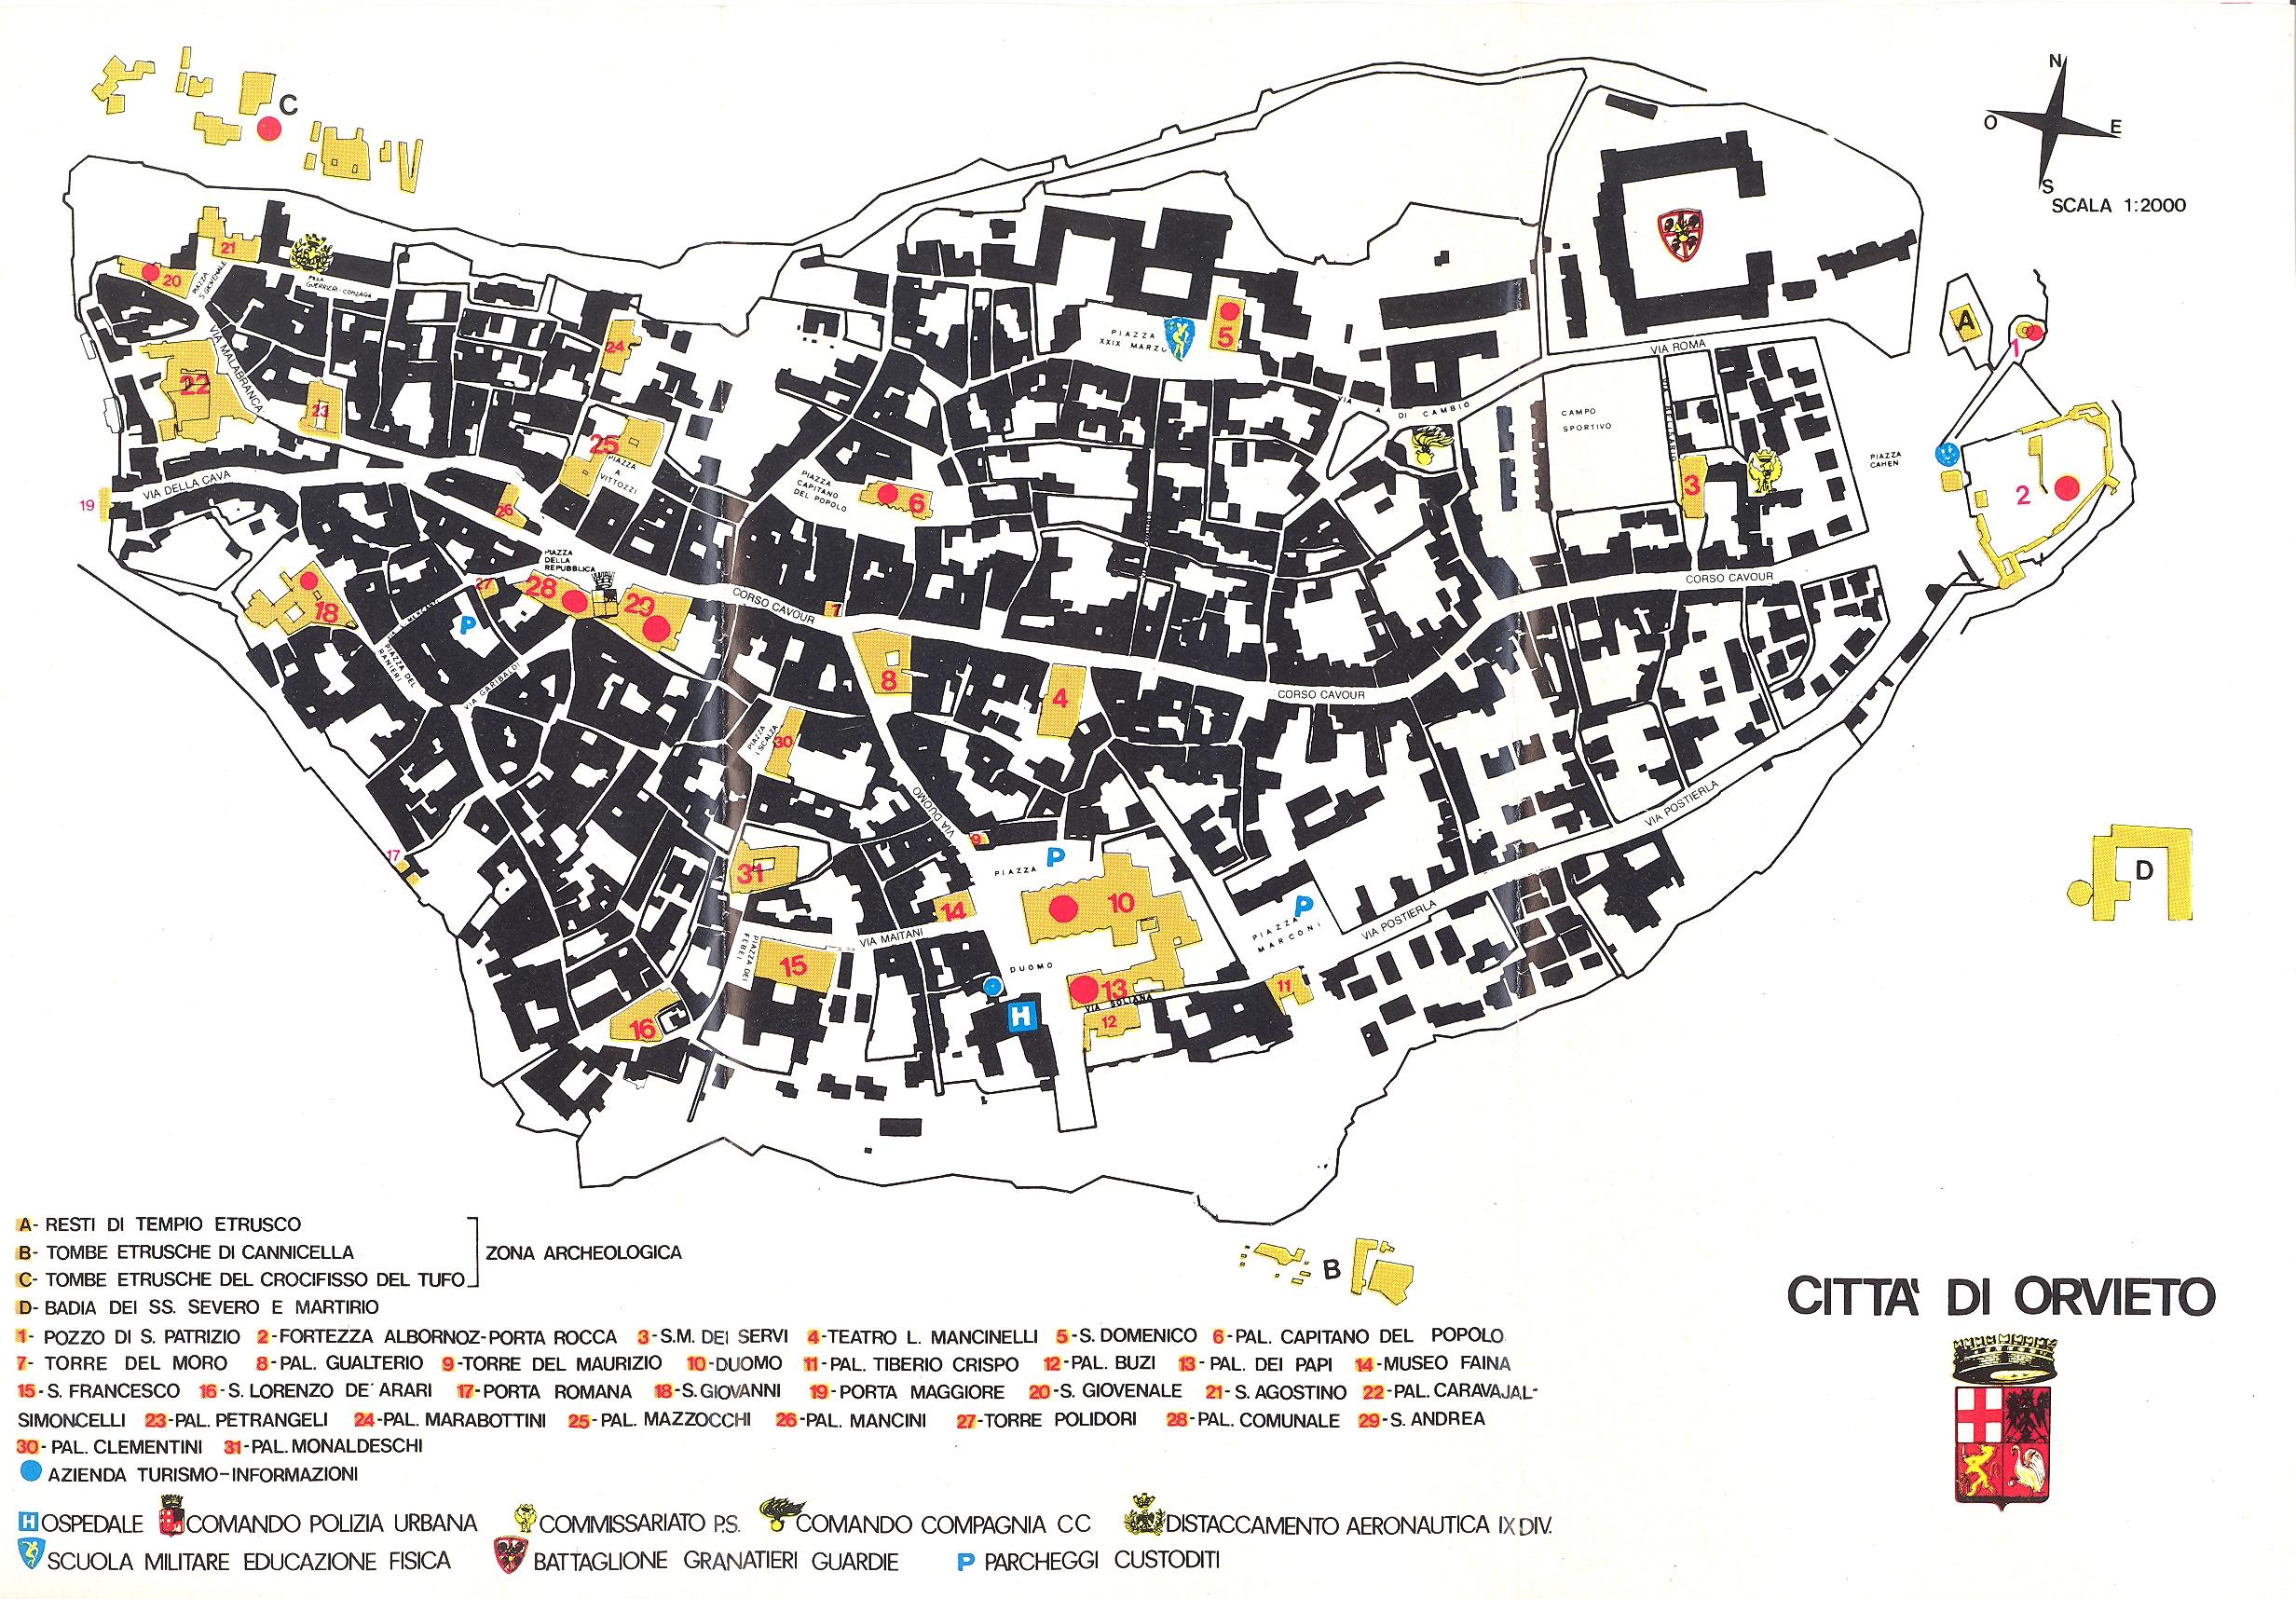 orvieto city in italy - photo #32